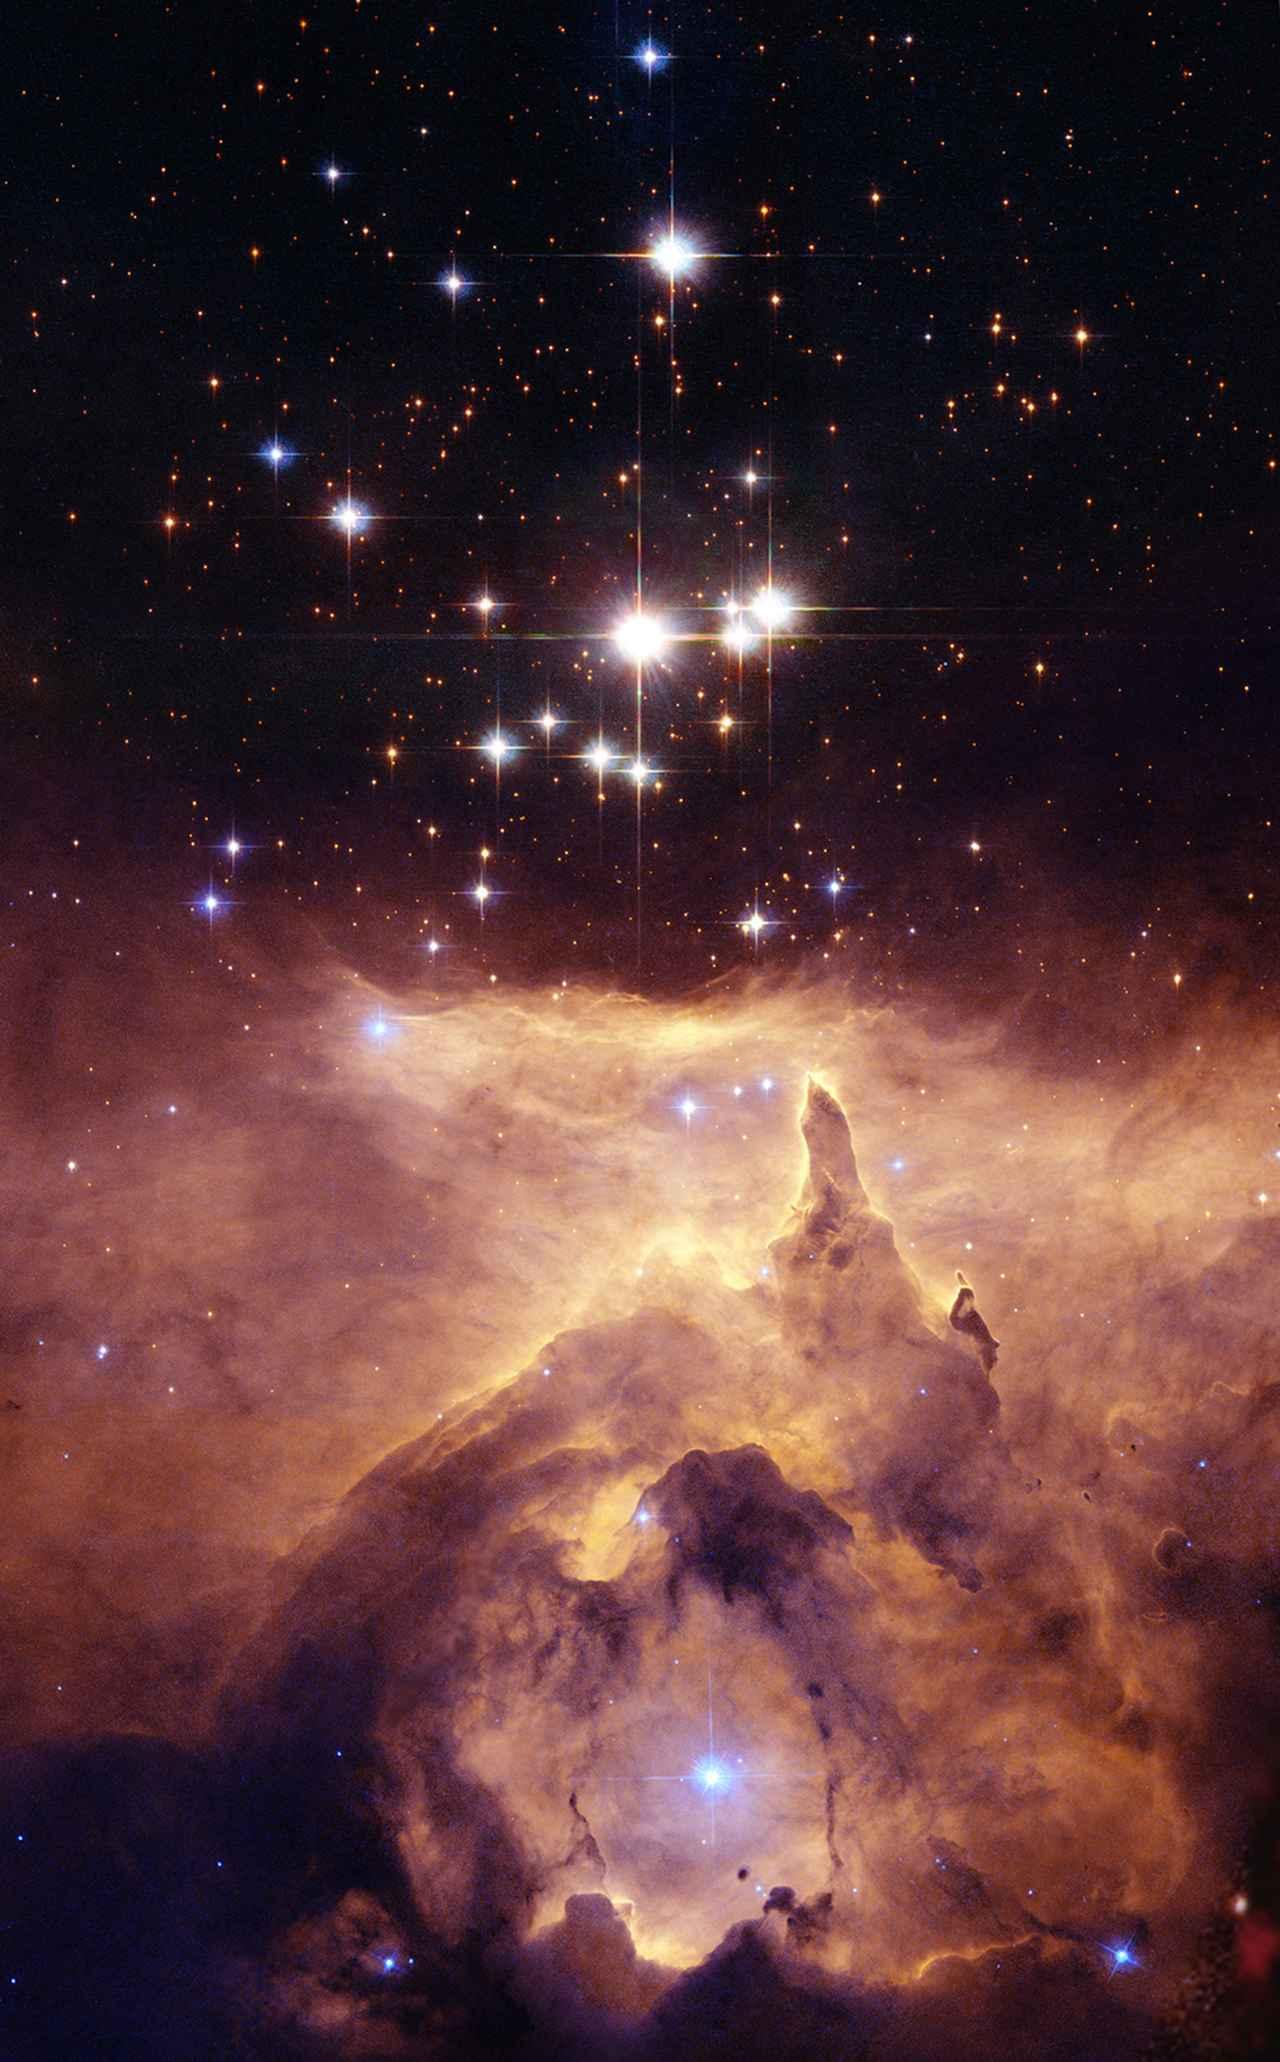 Images : 5番目の画像 - 「NASAがとらえた アートのような宇宙の姿」のアルバム - T JAPAN:The New York Times Style Magazine 公式サイト